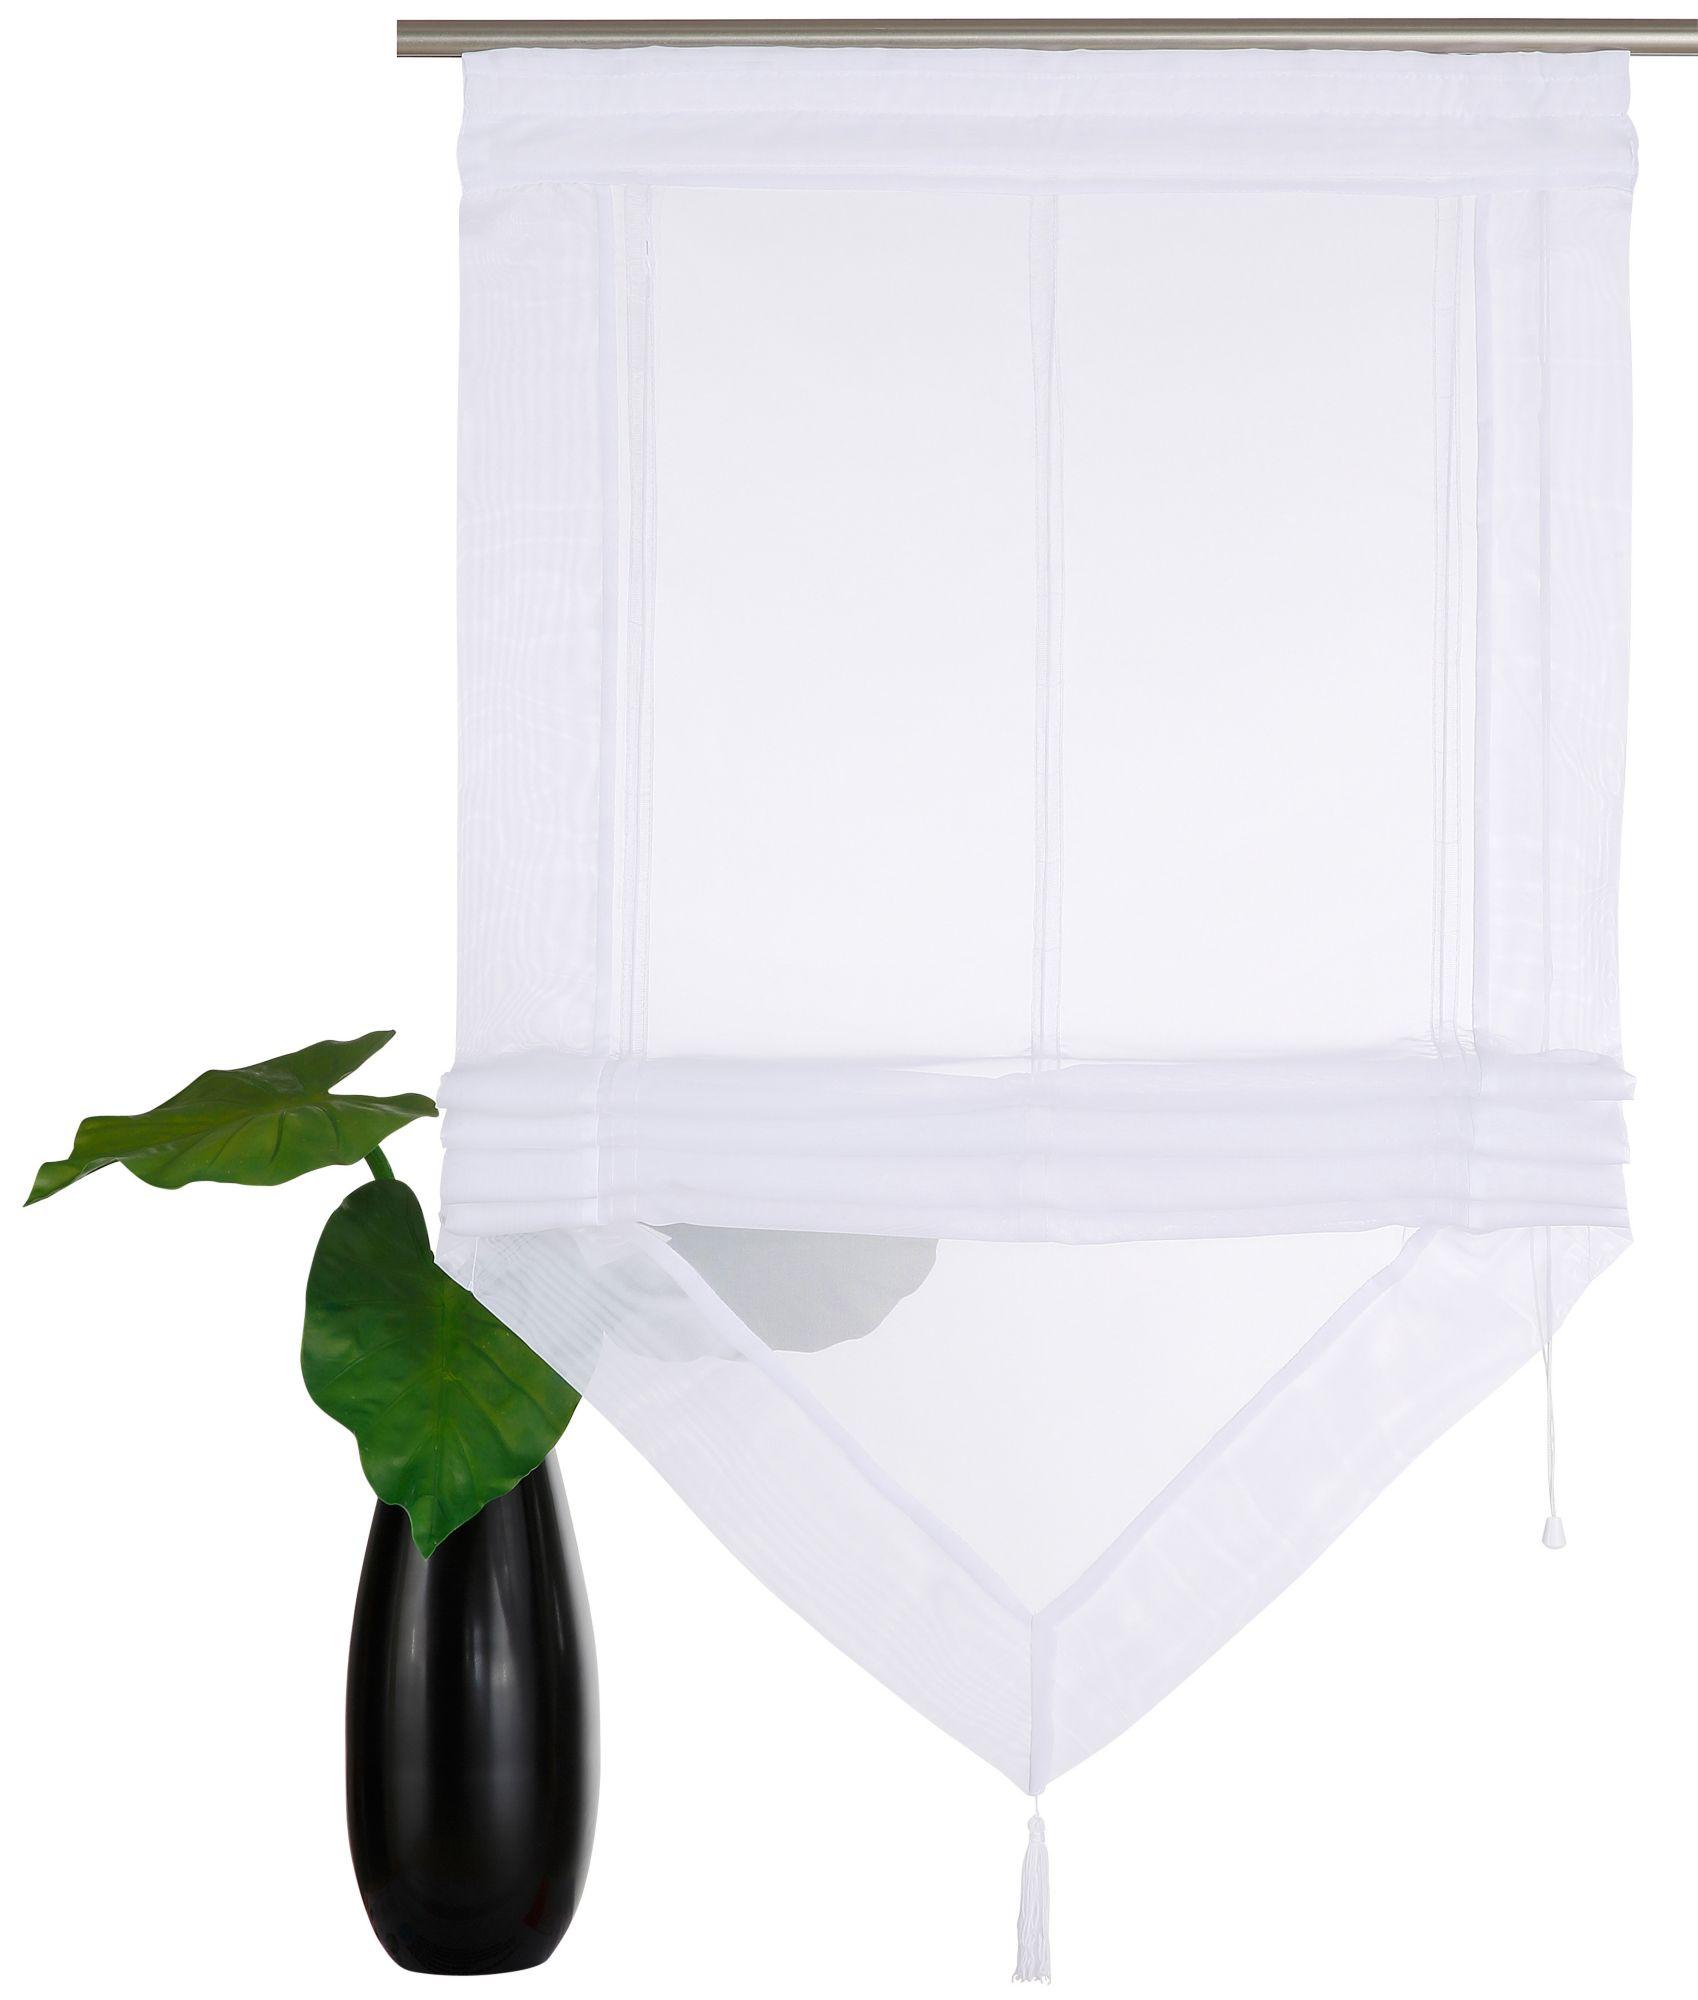 wand aus holz bauen vorsatzrolladen online kaufen. Black Bedroom Furniture Sets. Home Design Ideas